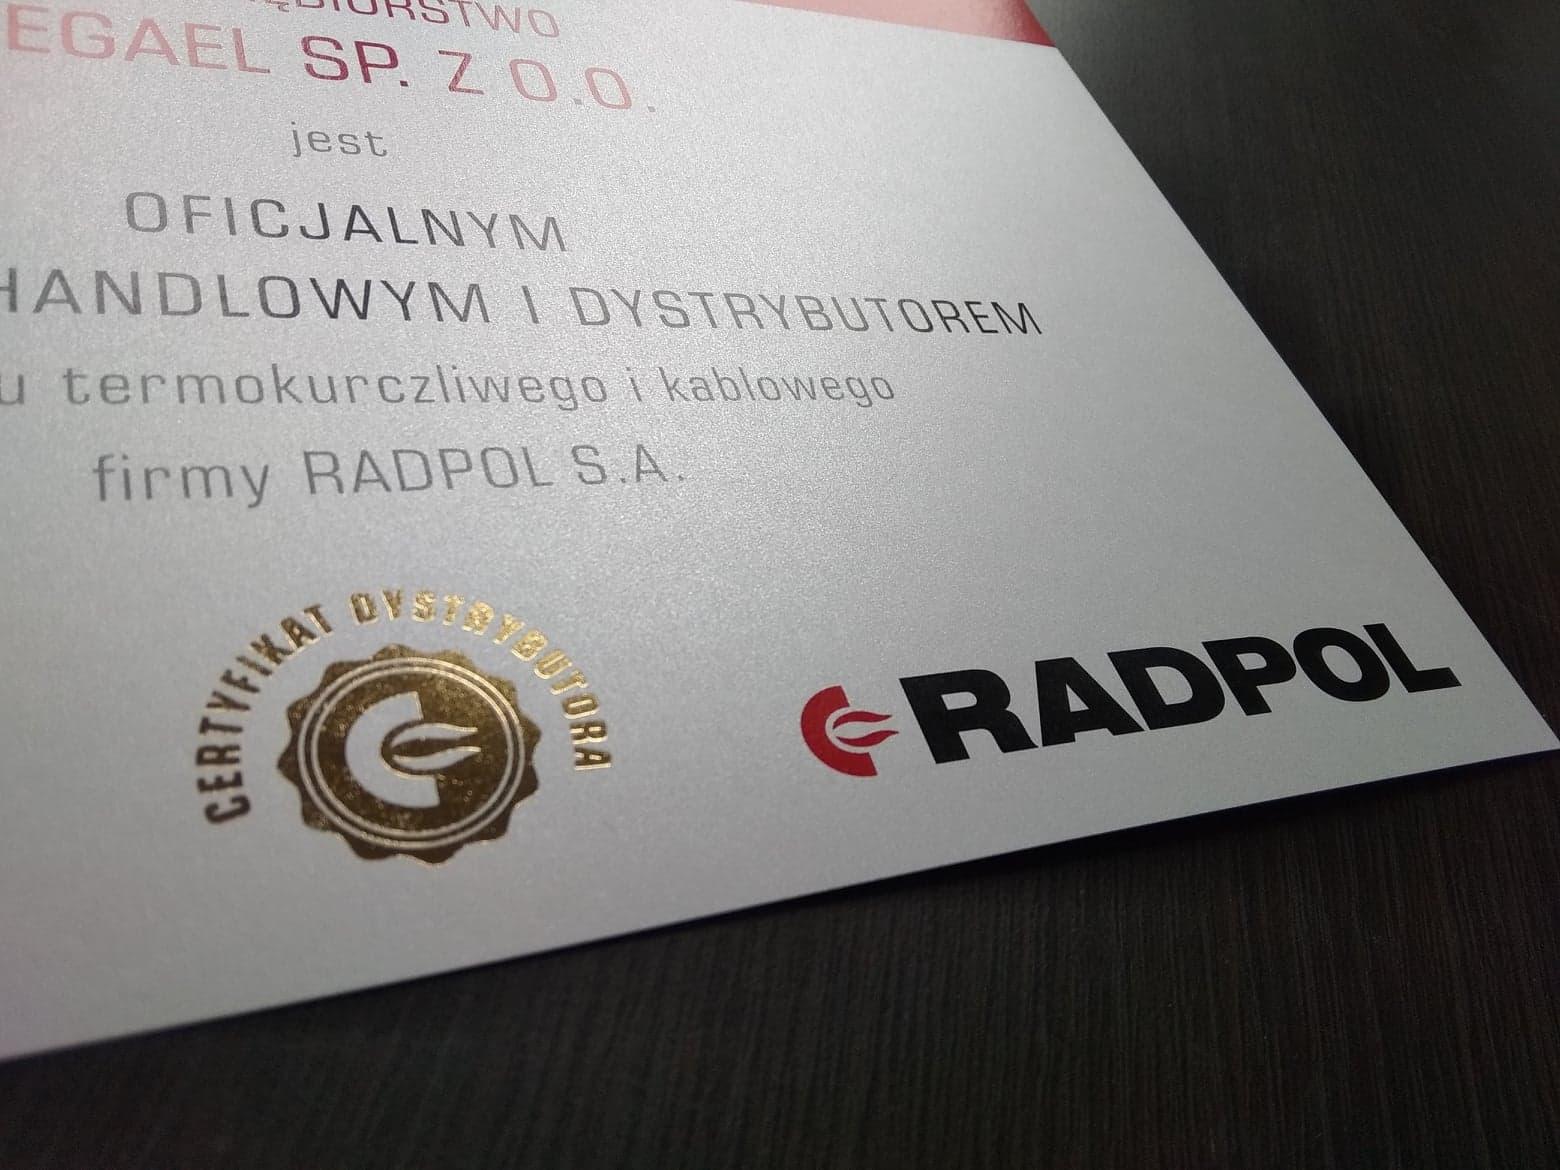 certyfikat ze złoconą pieczęcią